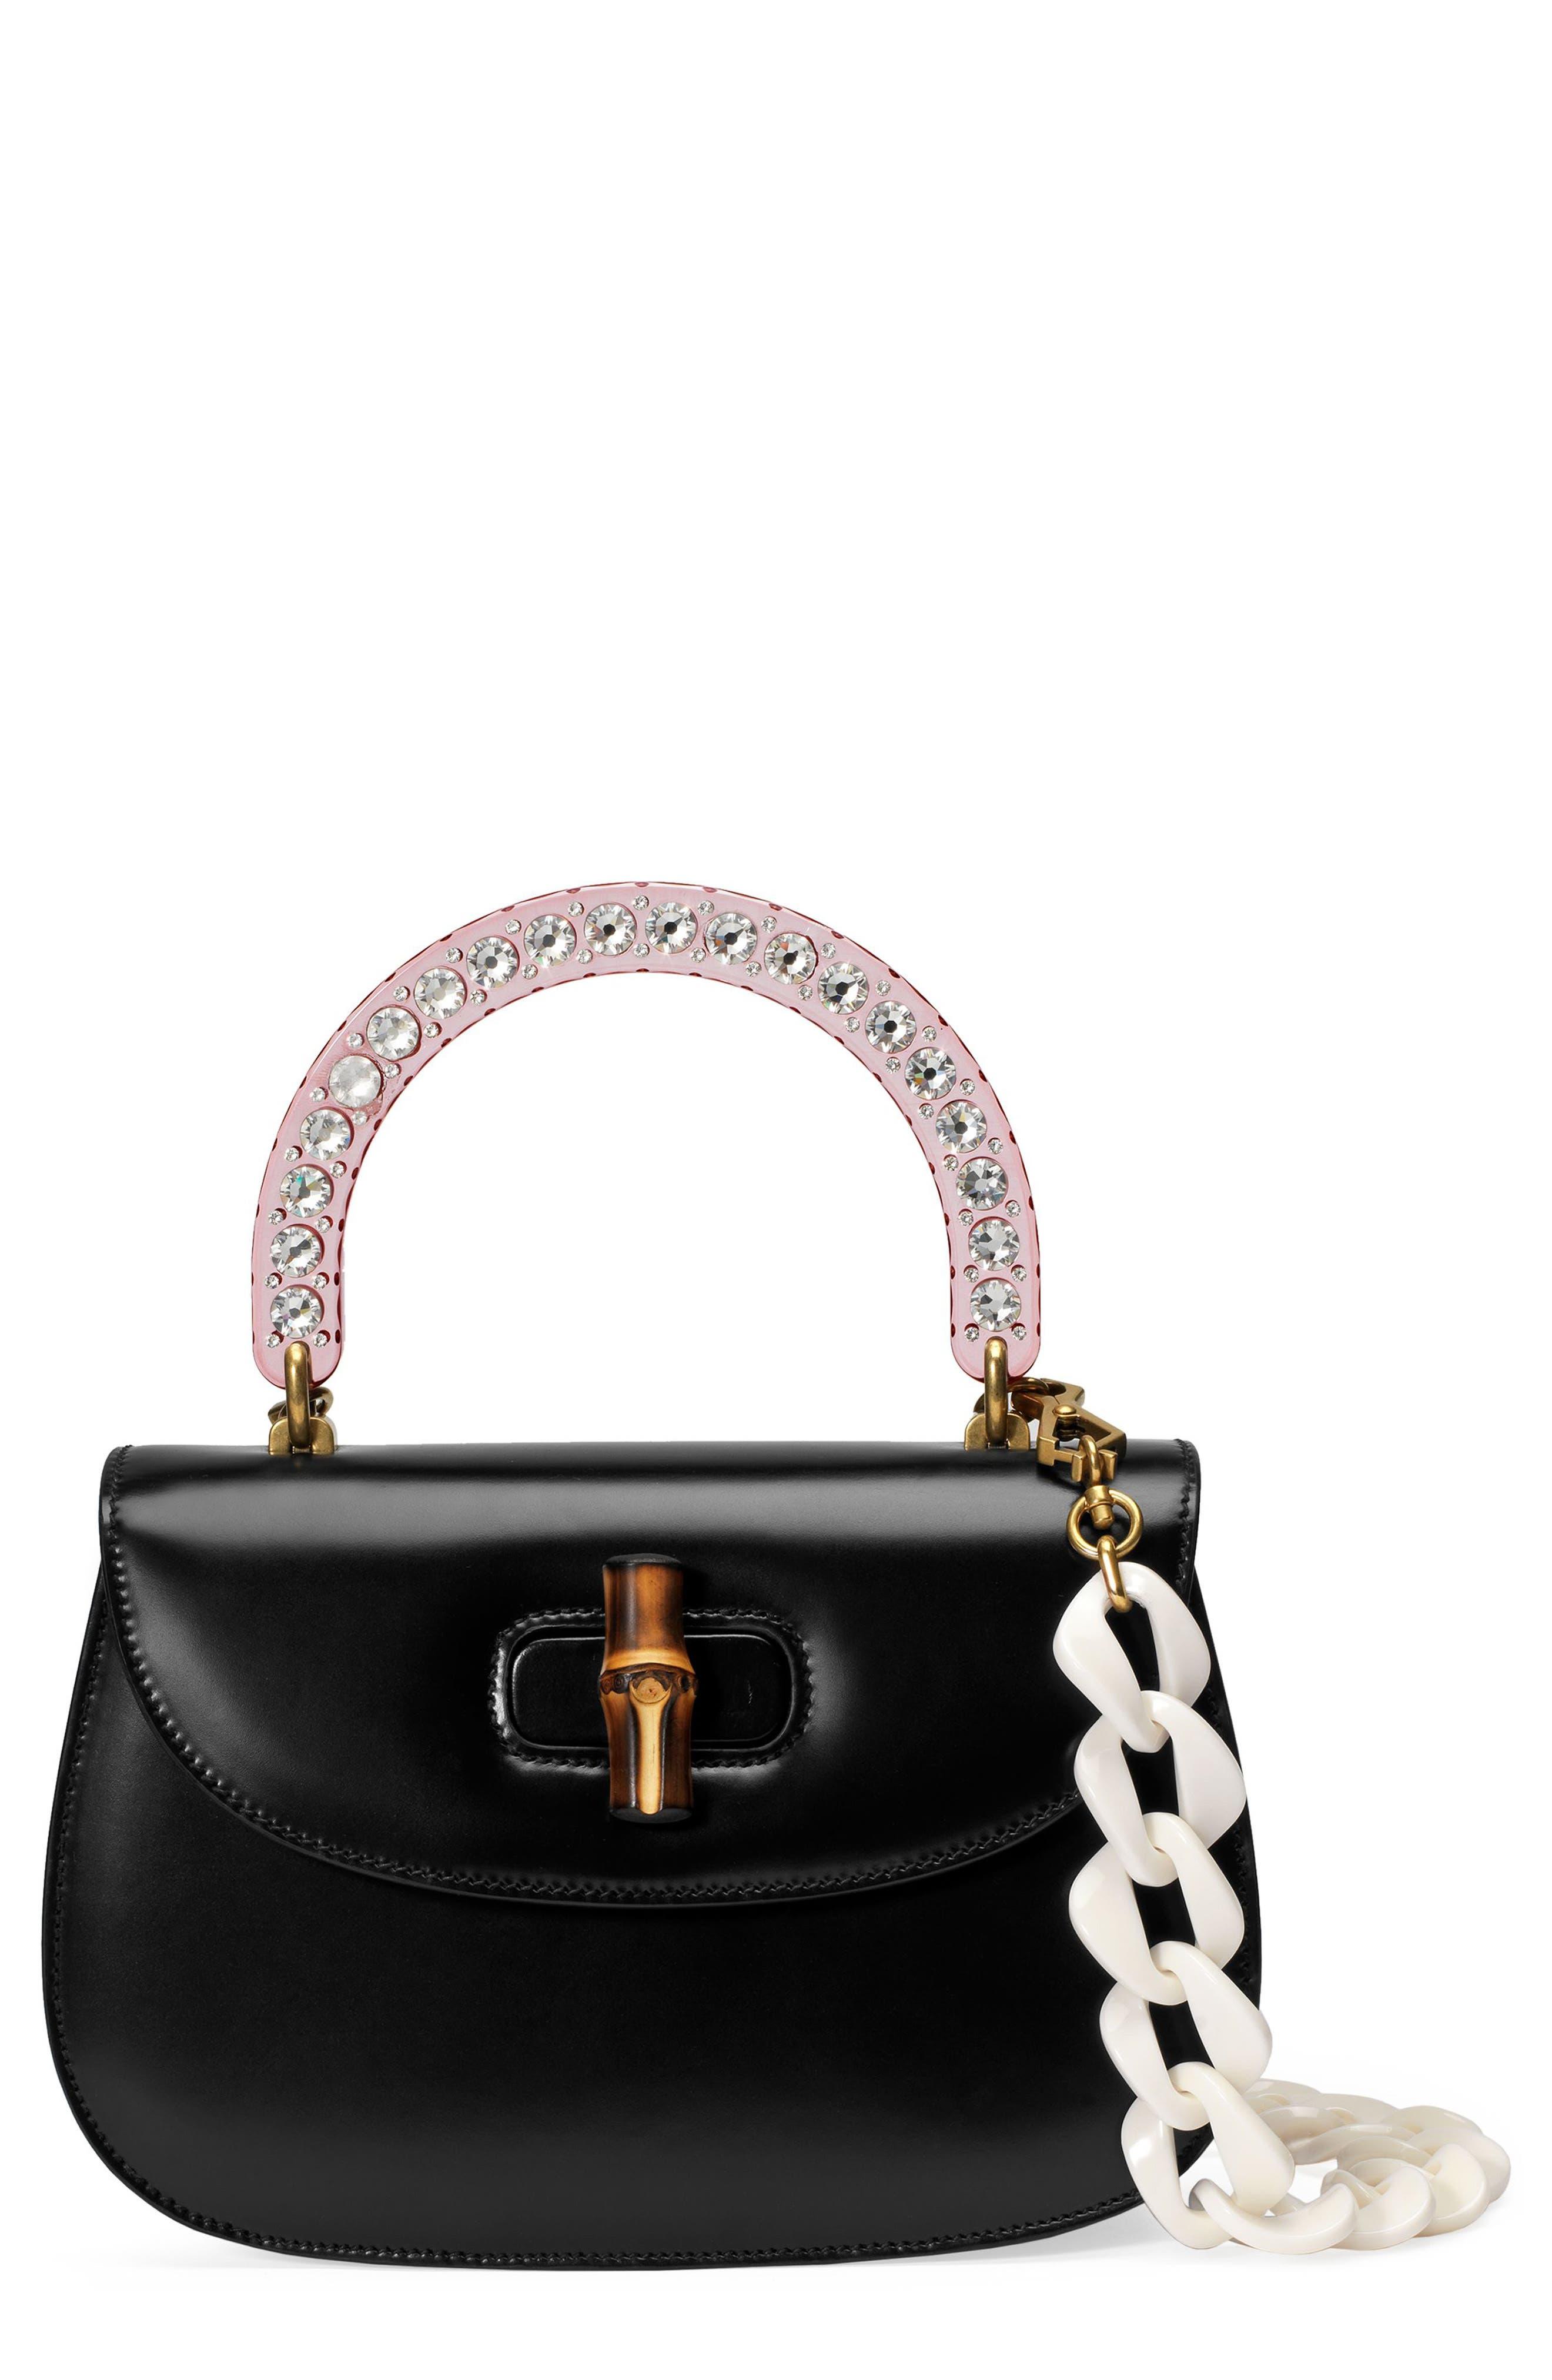 Medium Classic 2 Top Handle Shoulder Bag,                             Main thumbnail 1, color,                             NERO/ ROSE CRYSTAL